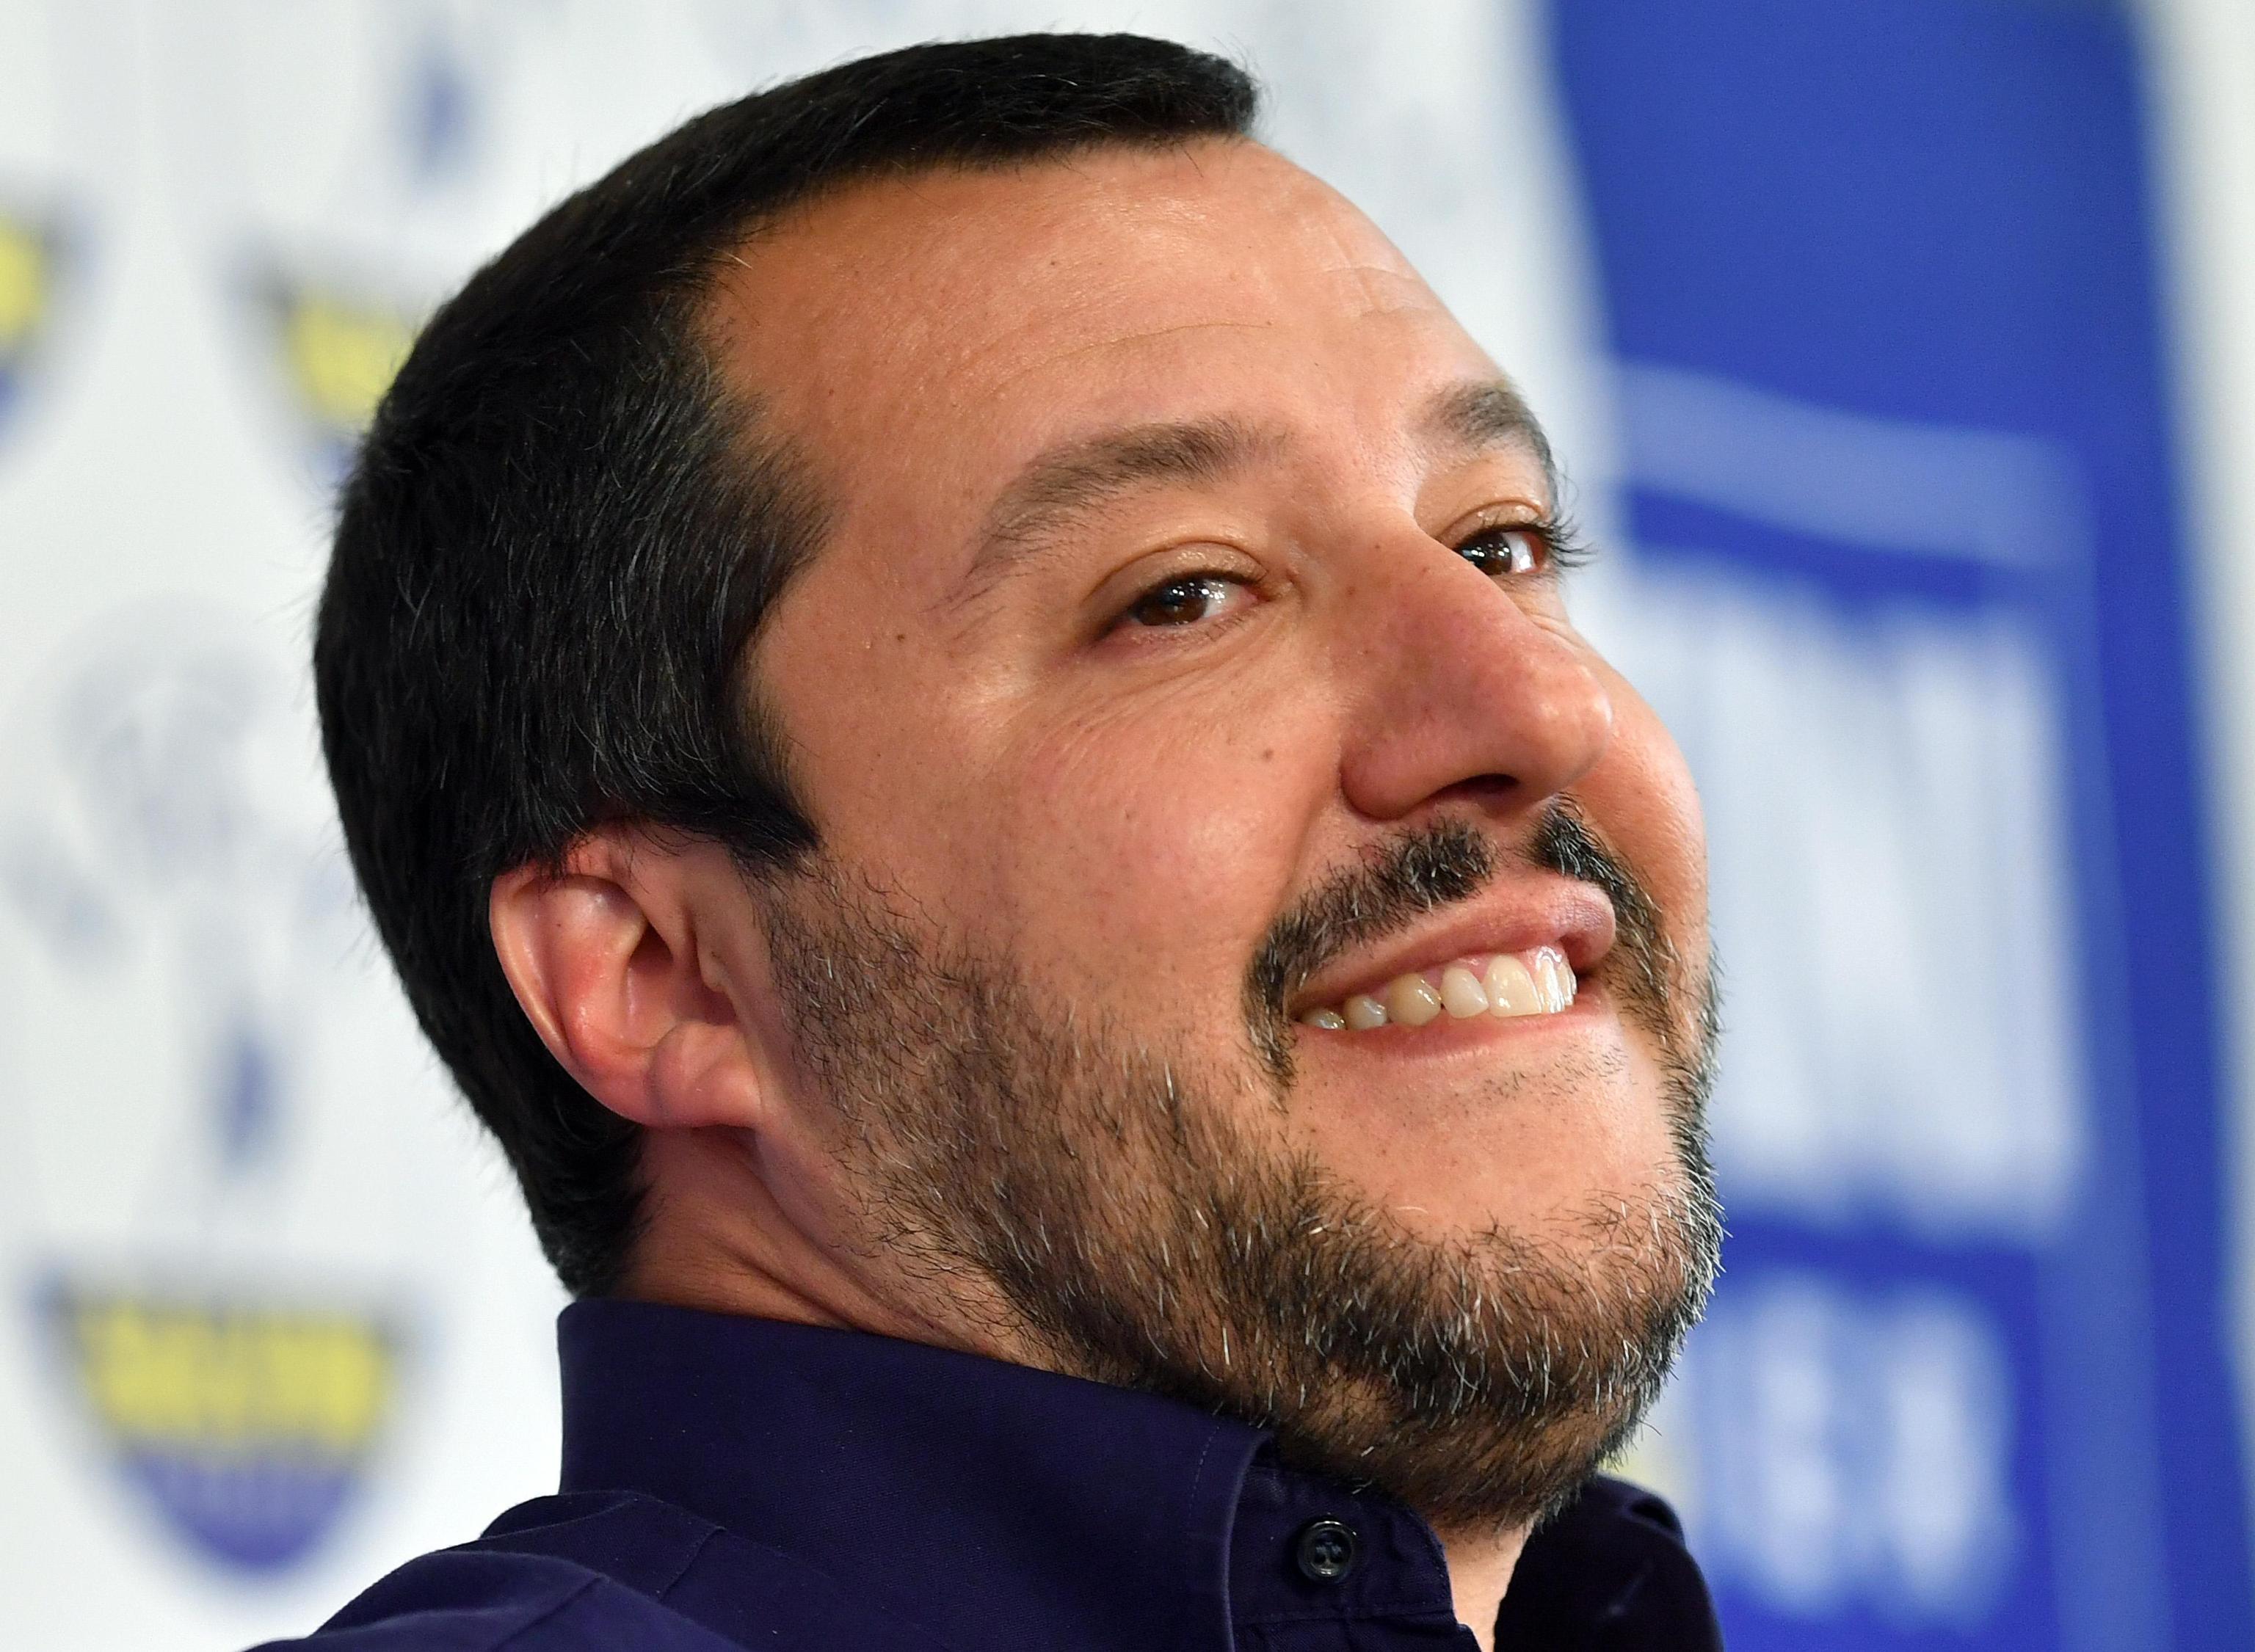 Decreto Salvini, prima applicazione a Foggia: espulsione per migrante che picchiò agenti